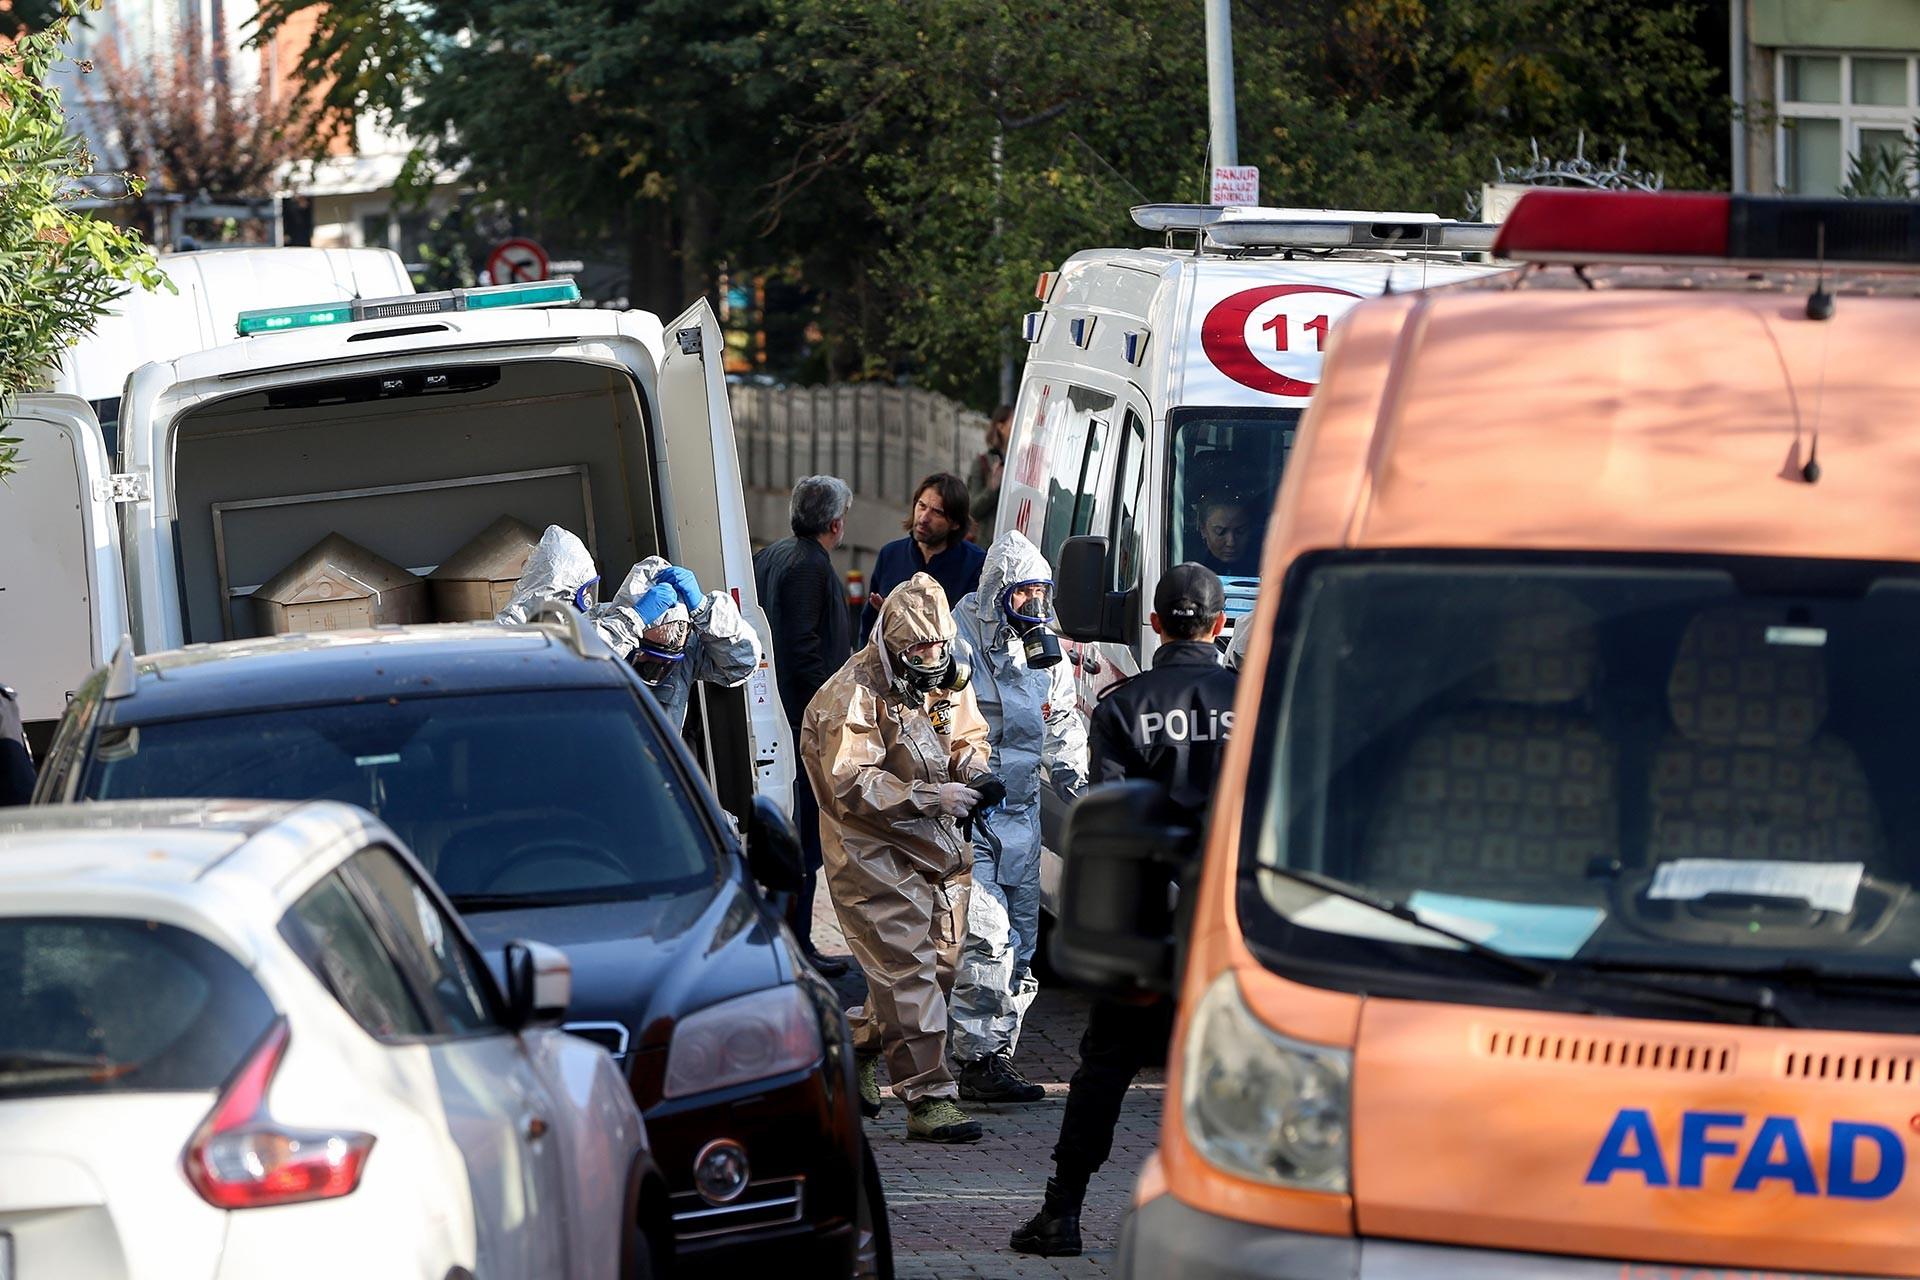 3 kişinin ölü bulunduğu evin önündeki 112 ve AFAD ekipleri